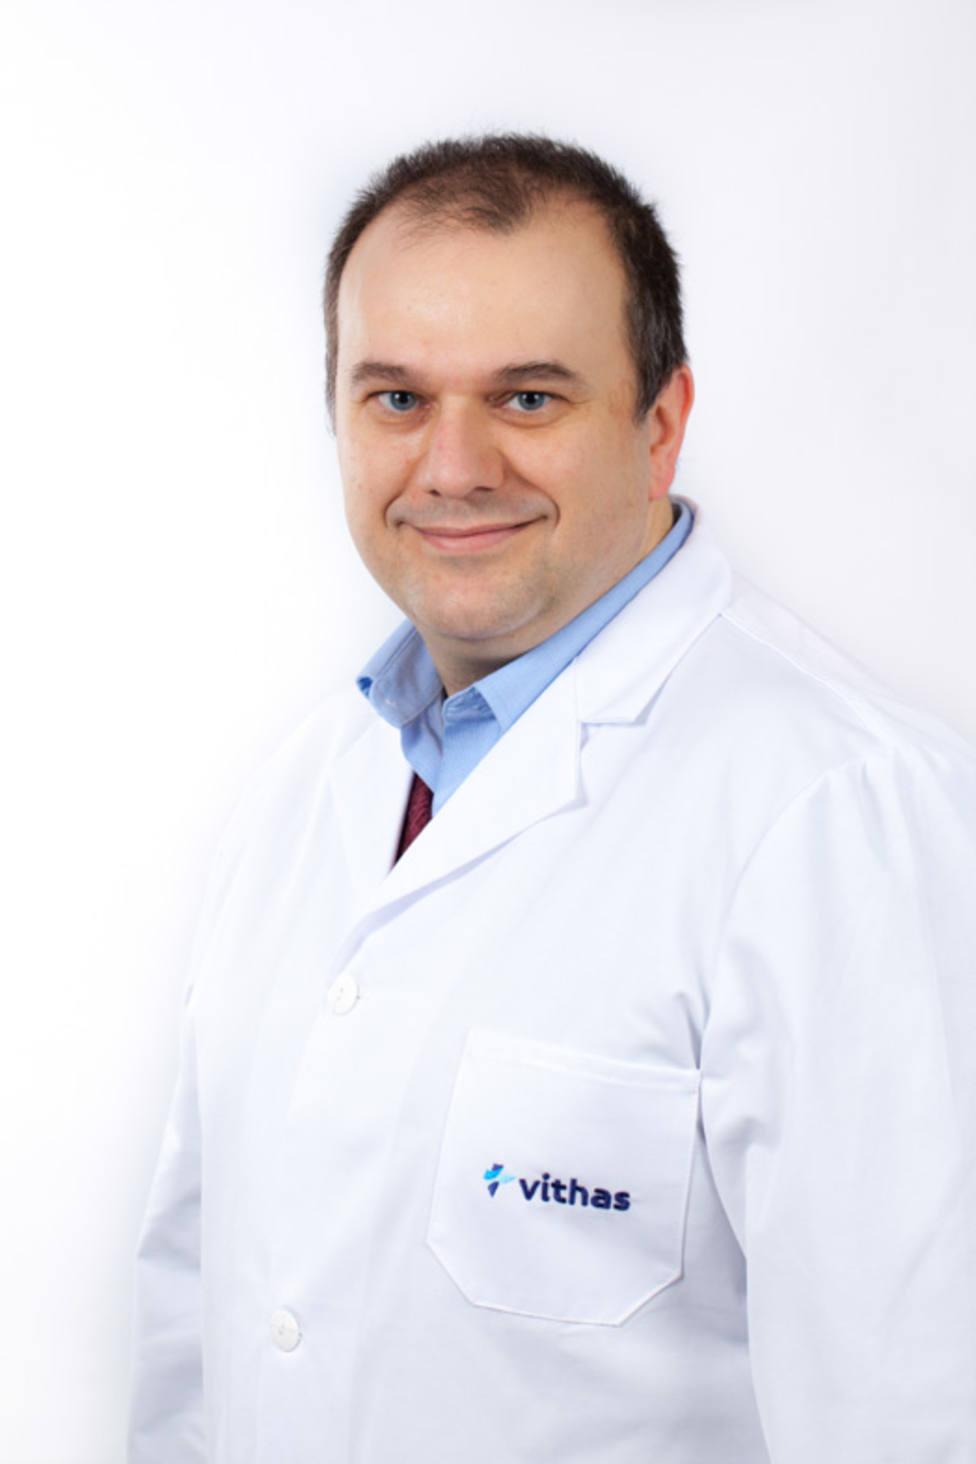 La compañía americana Expertscape reconoce al especialista de Vithas David Piñero